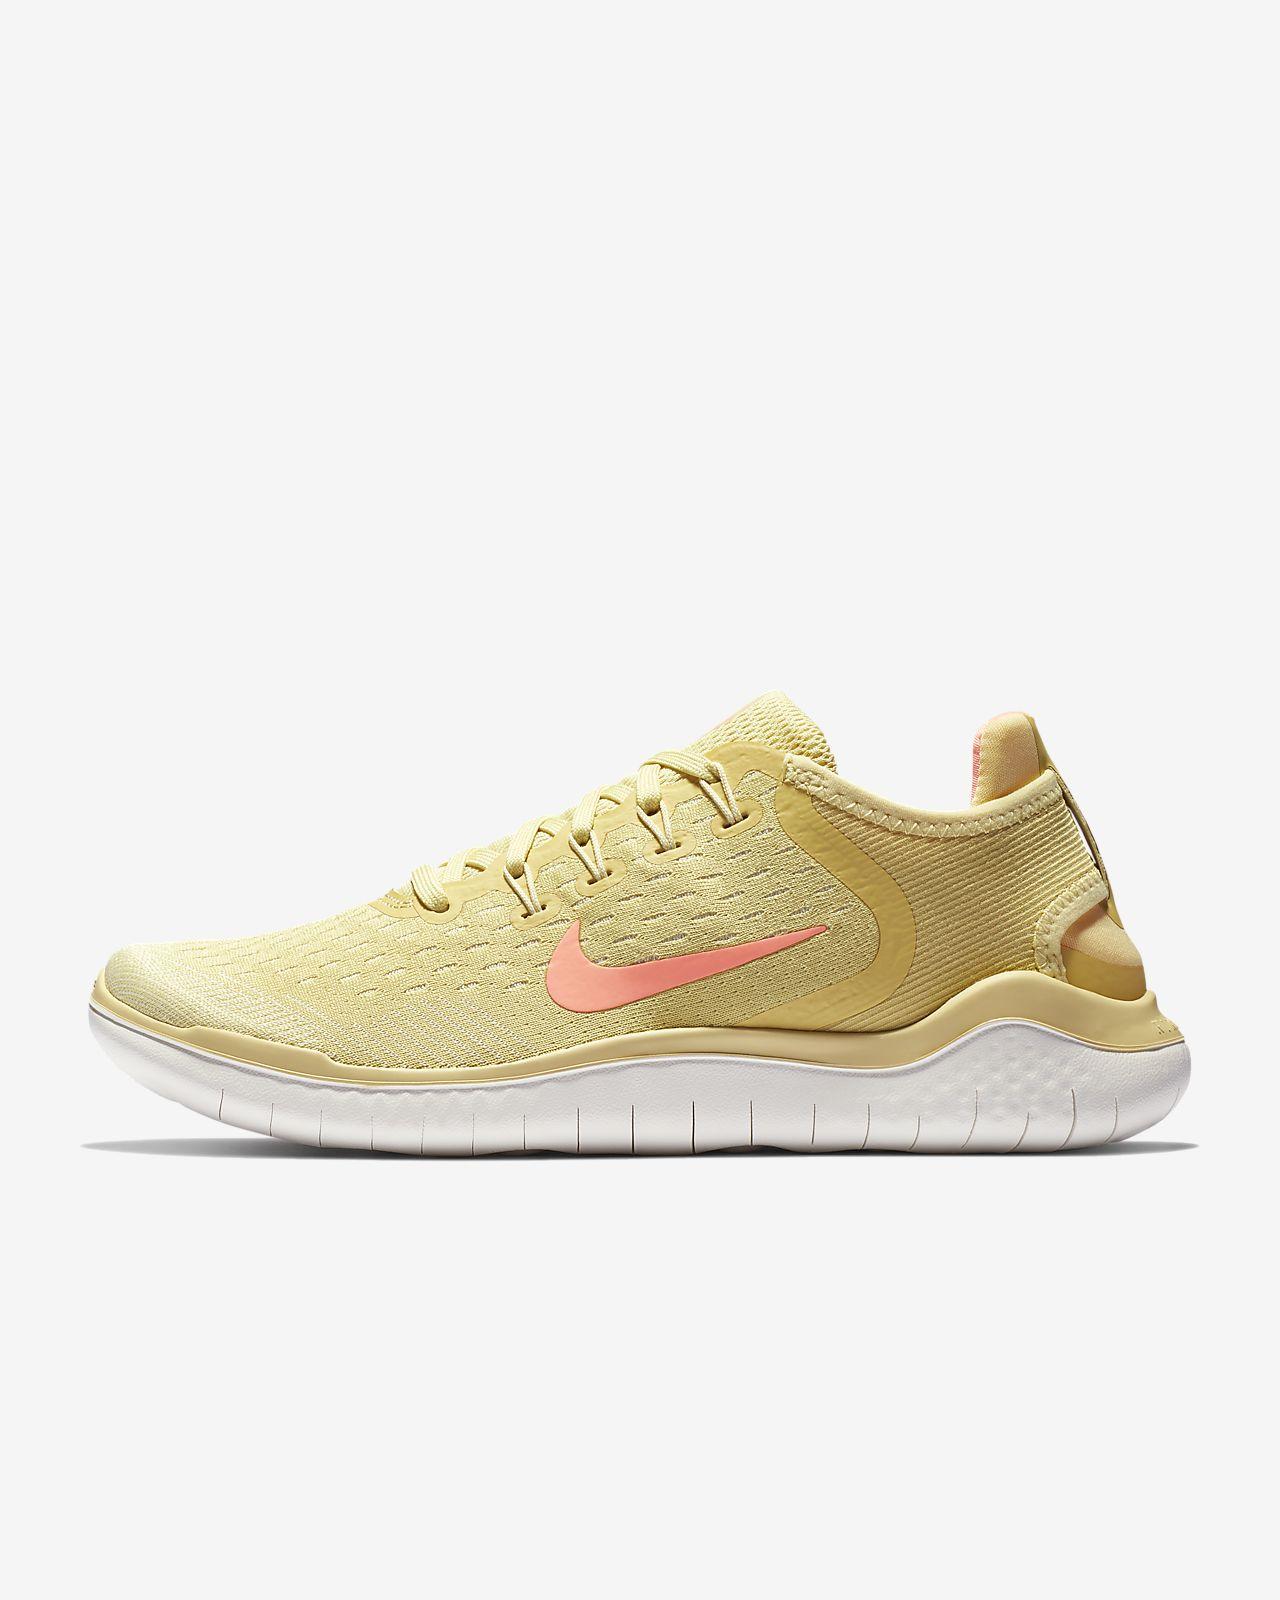 Nike Free 5.0 Chaussures De Course, Femmes - - 37,5 Eu